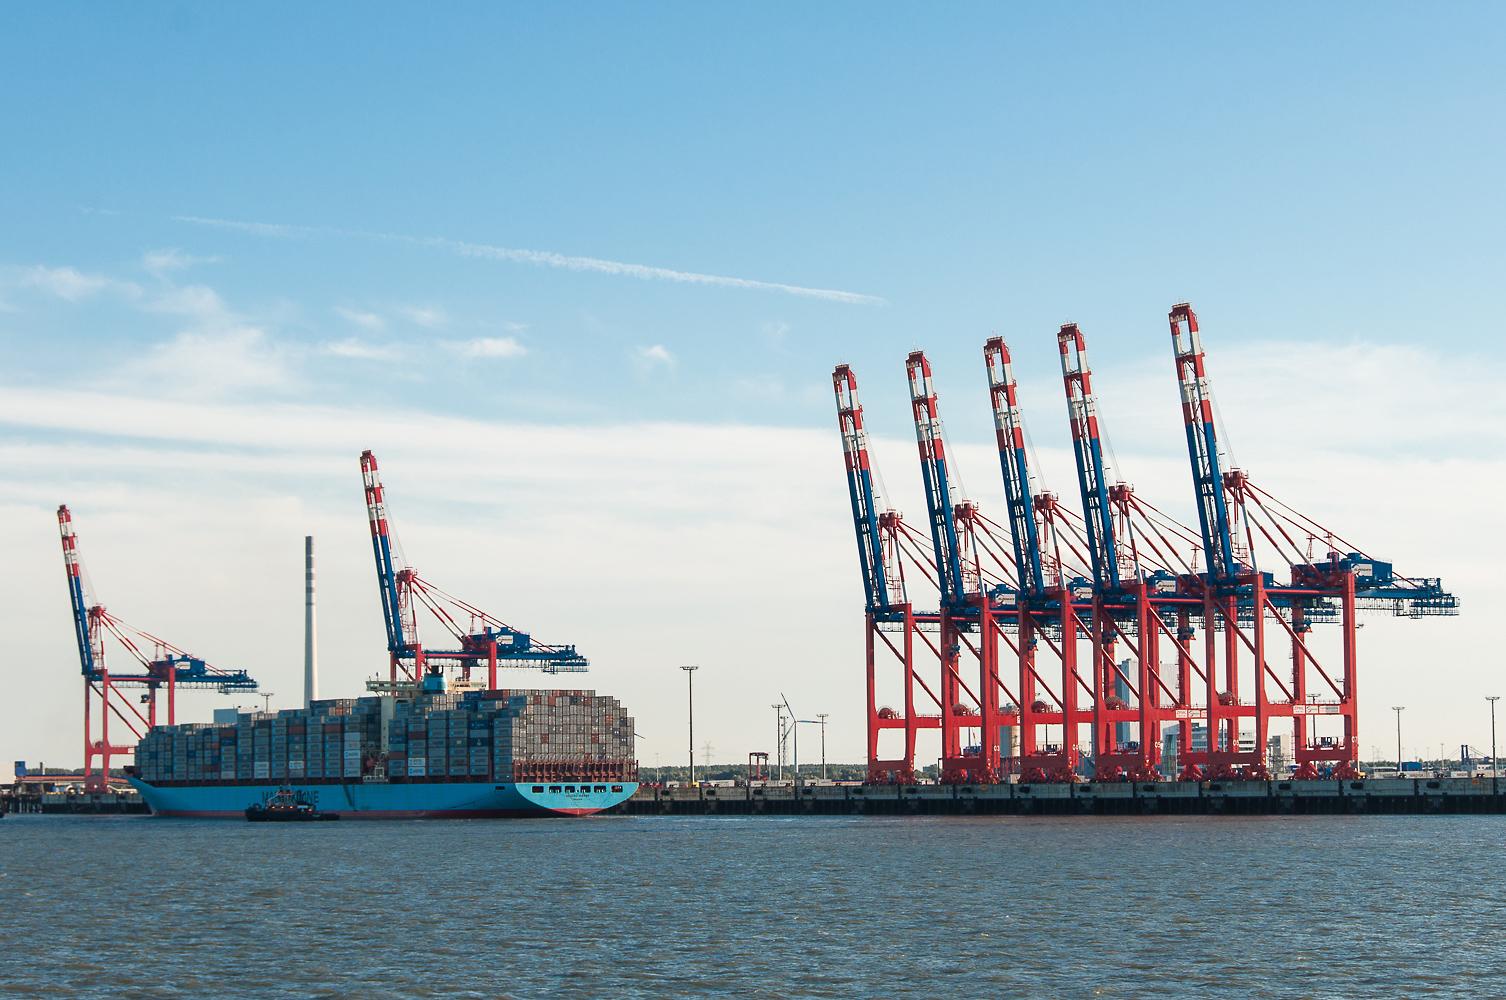 Schöne Überraschung auf der Rückfahrt: die Skagen Maersk läuft den JadeWeserPort an.